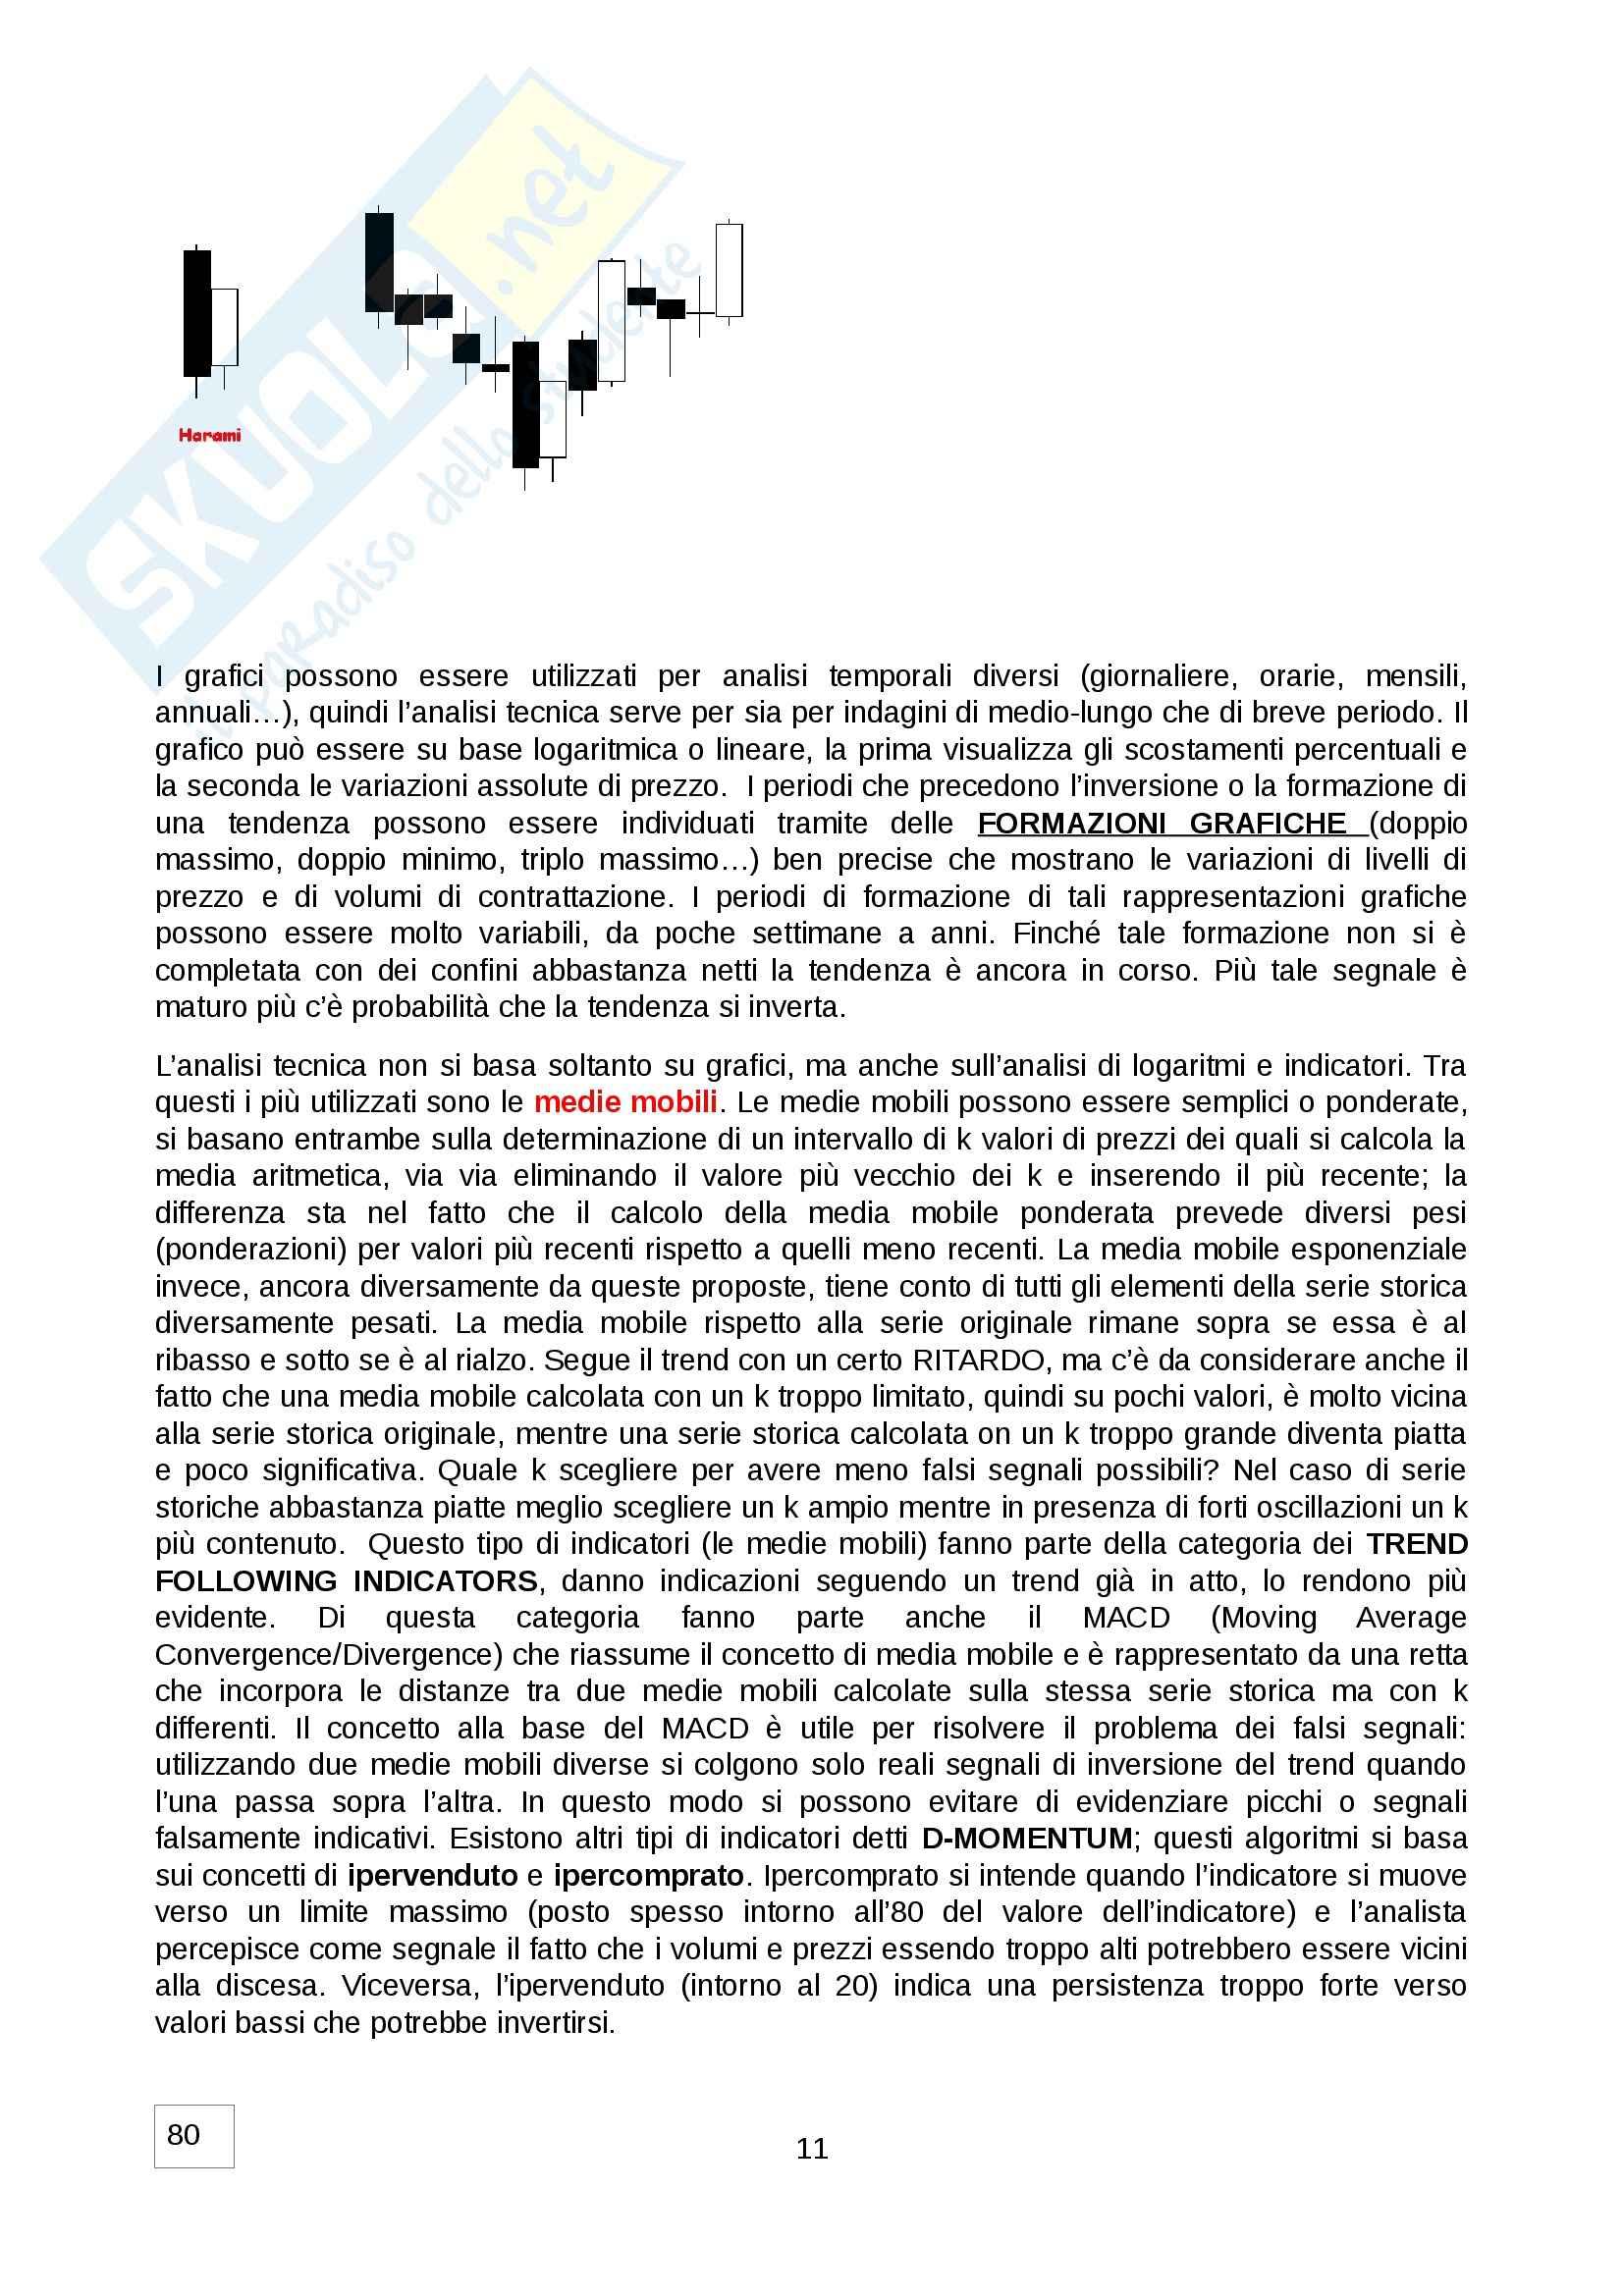 Economia del mercato mobiliare - Appunti Pag. 11